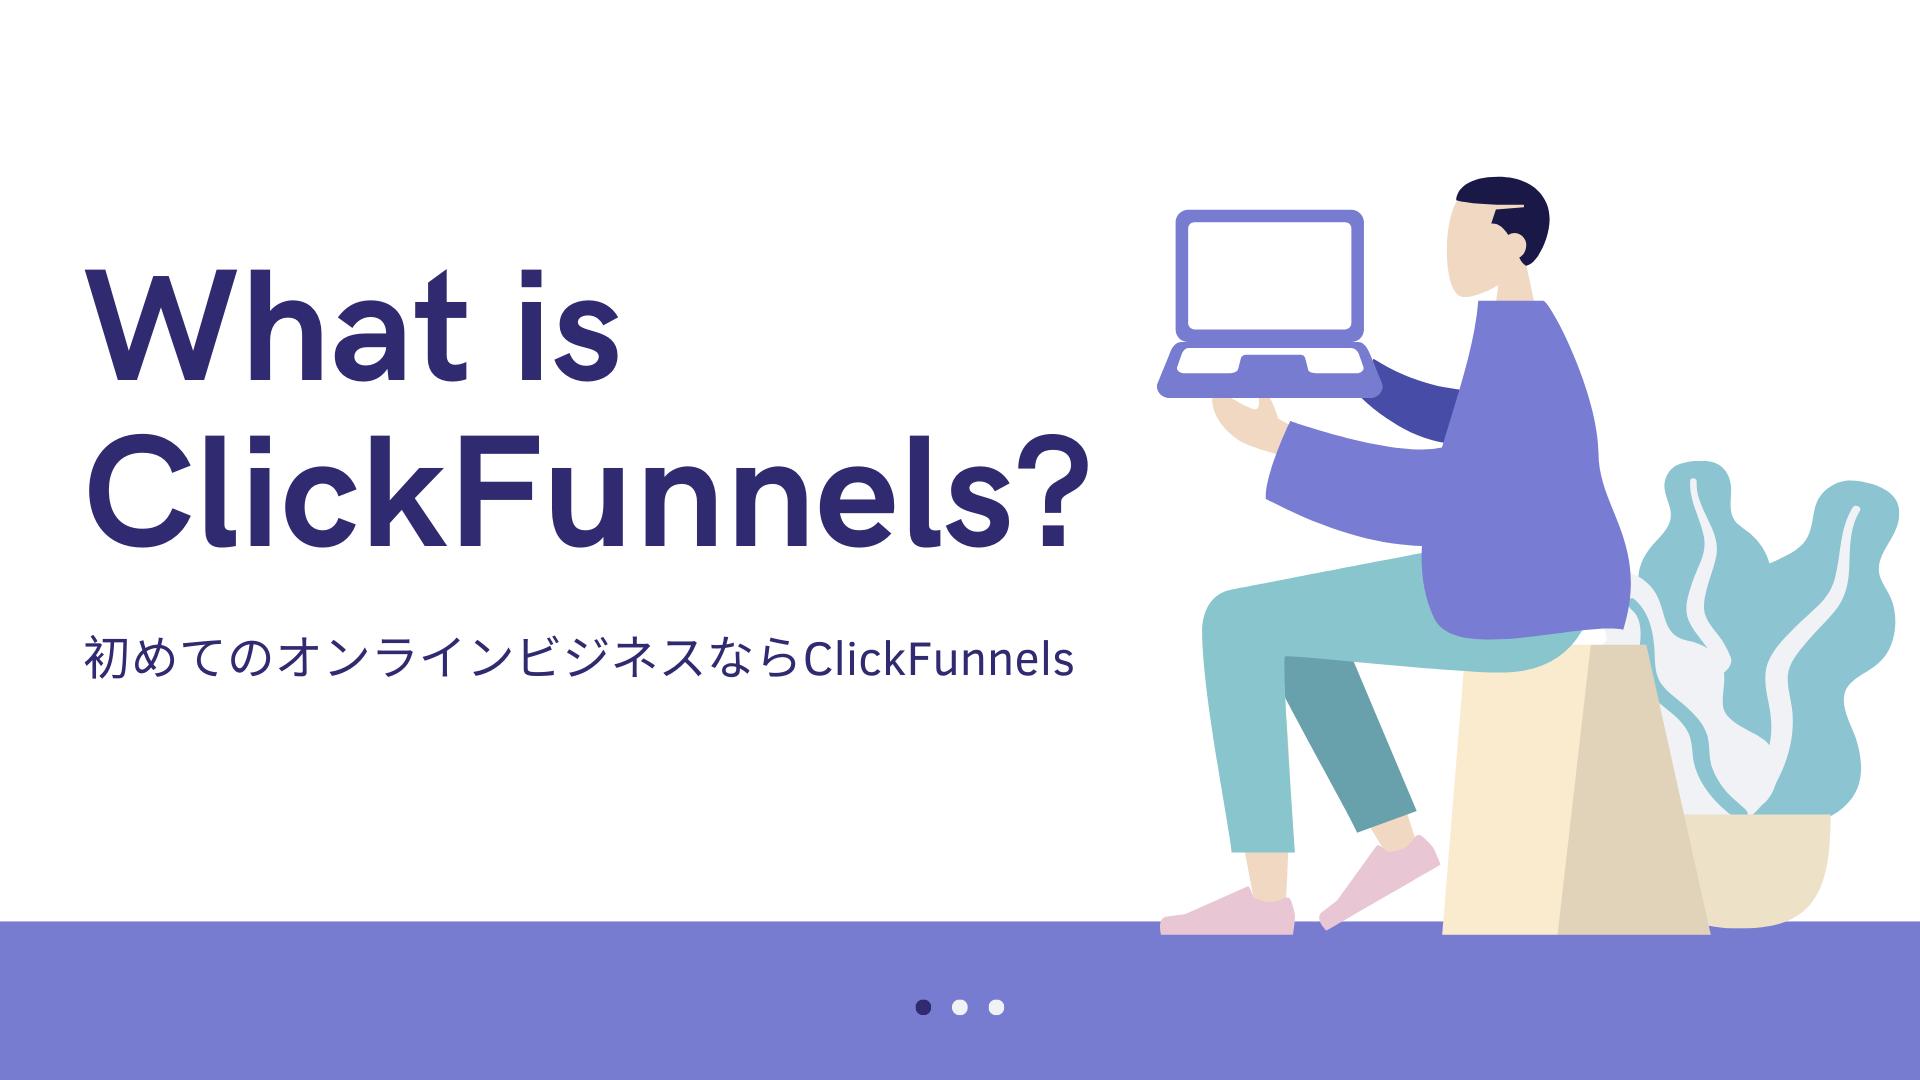 【解説】ClickFunnelsとは?初めてのオンラインビジネスならClickFunnels